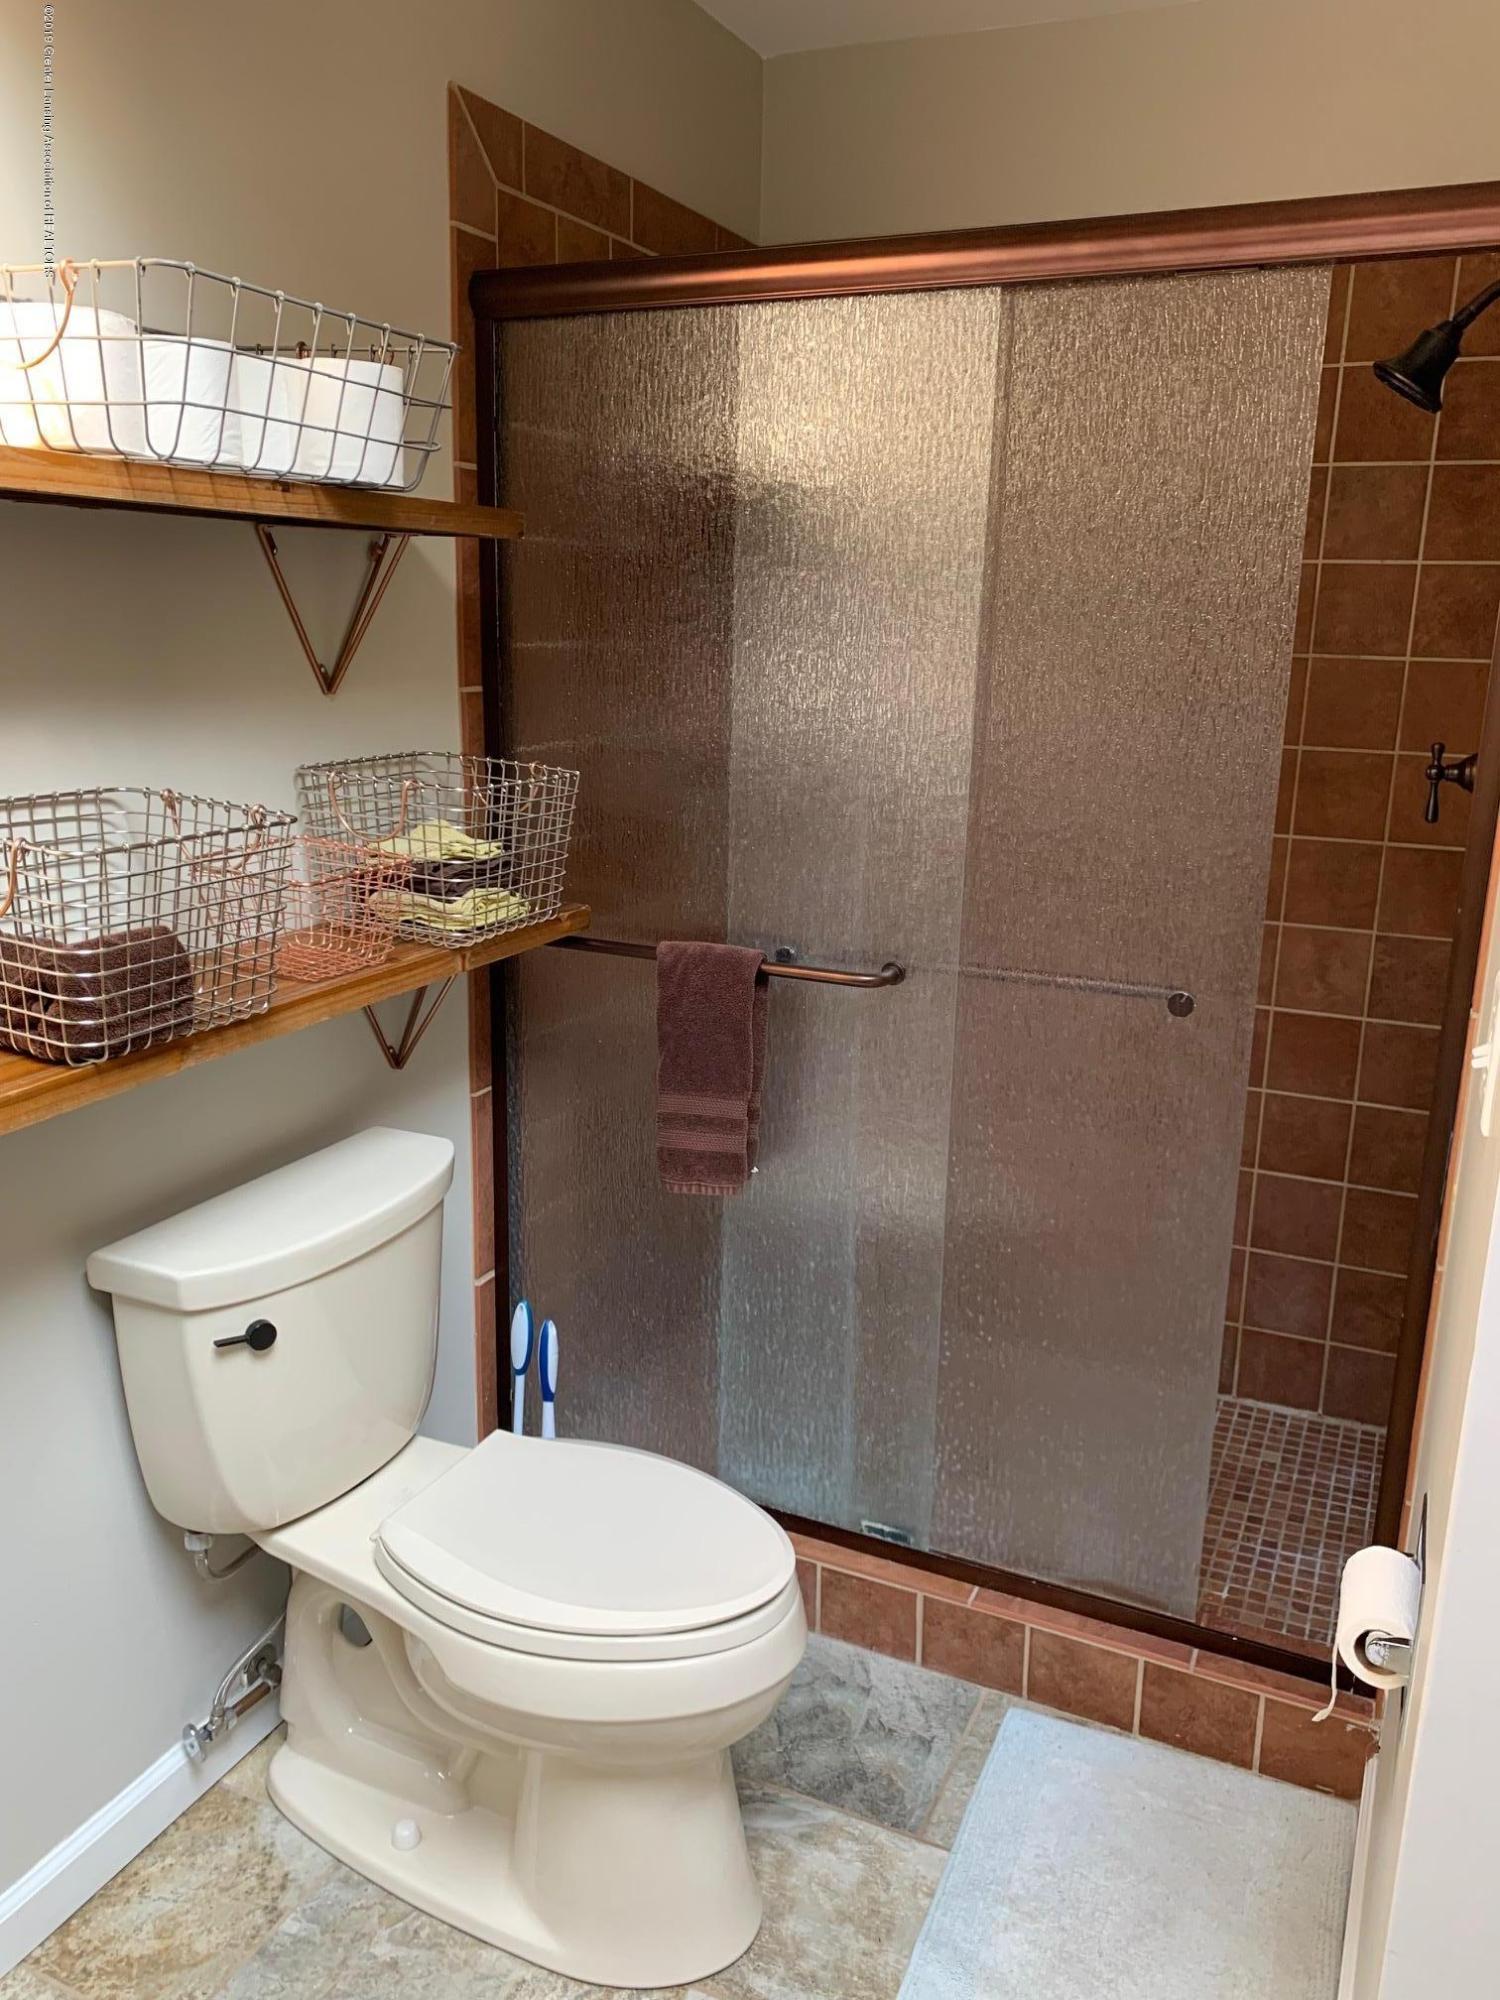 1200 Ascot Pl - Bathroom - 16